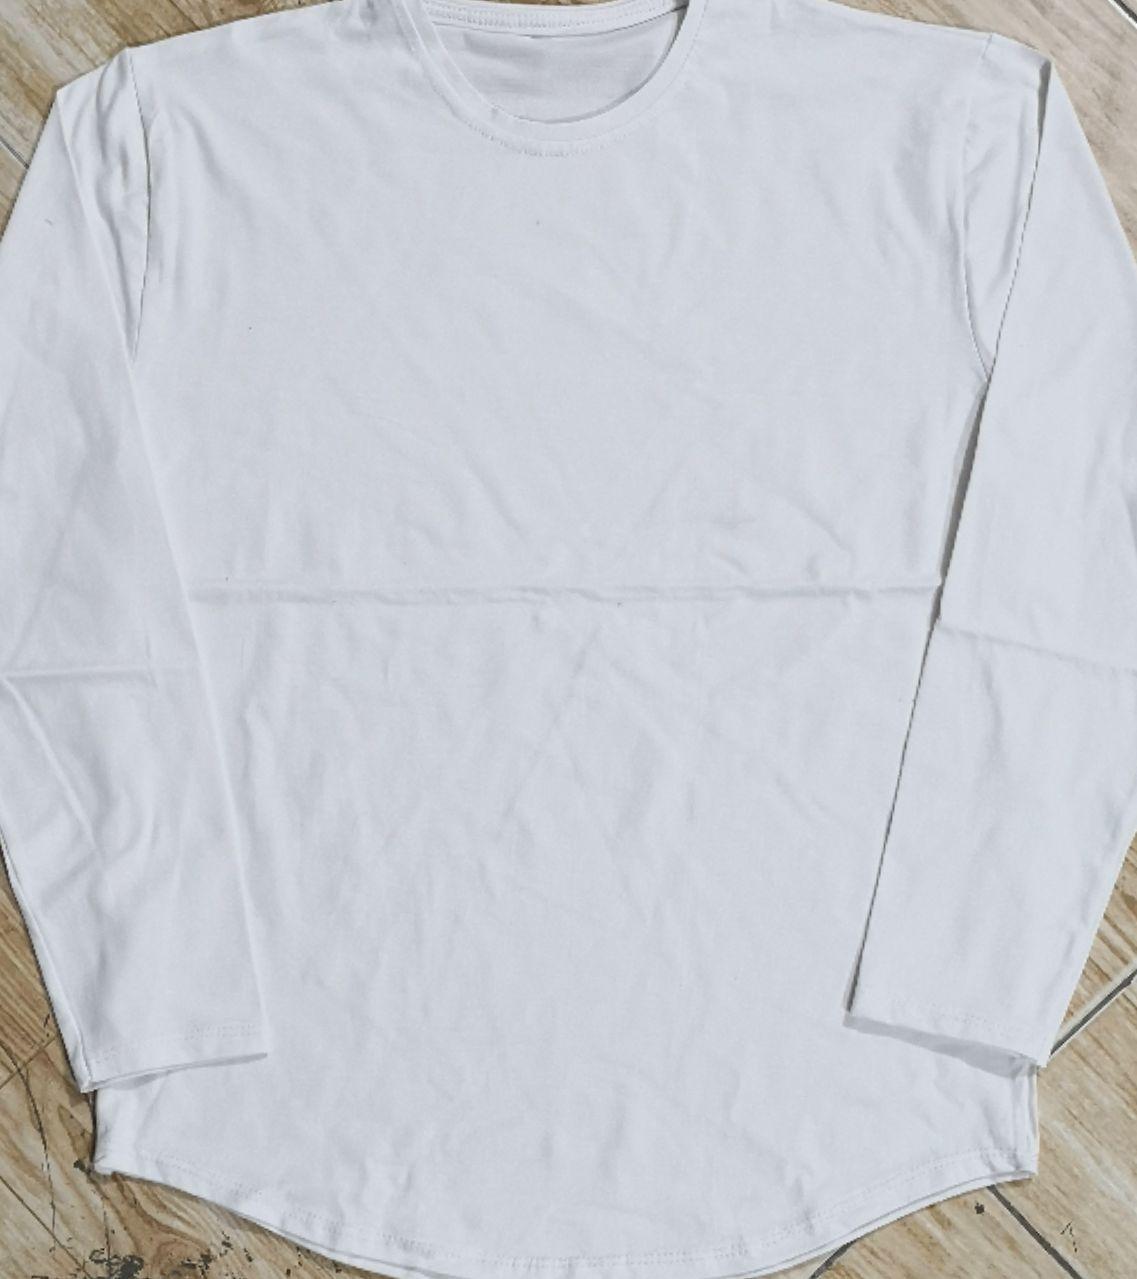 پخش عمده تیشرت سفید ساده مردانه جهت فروش